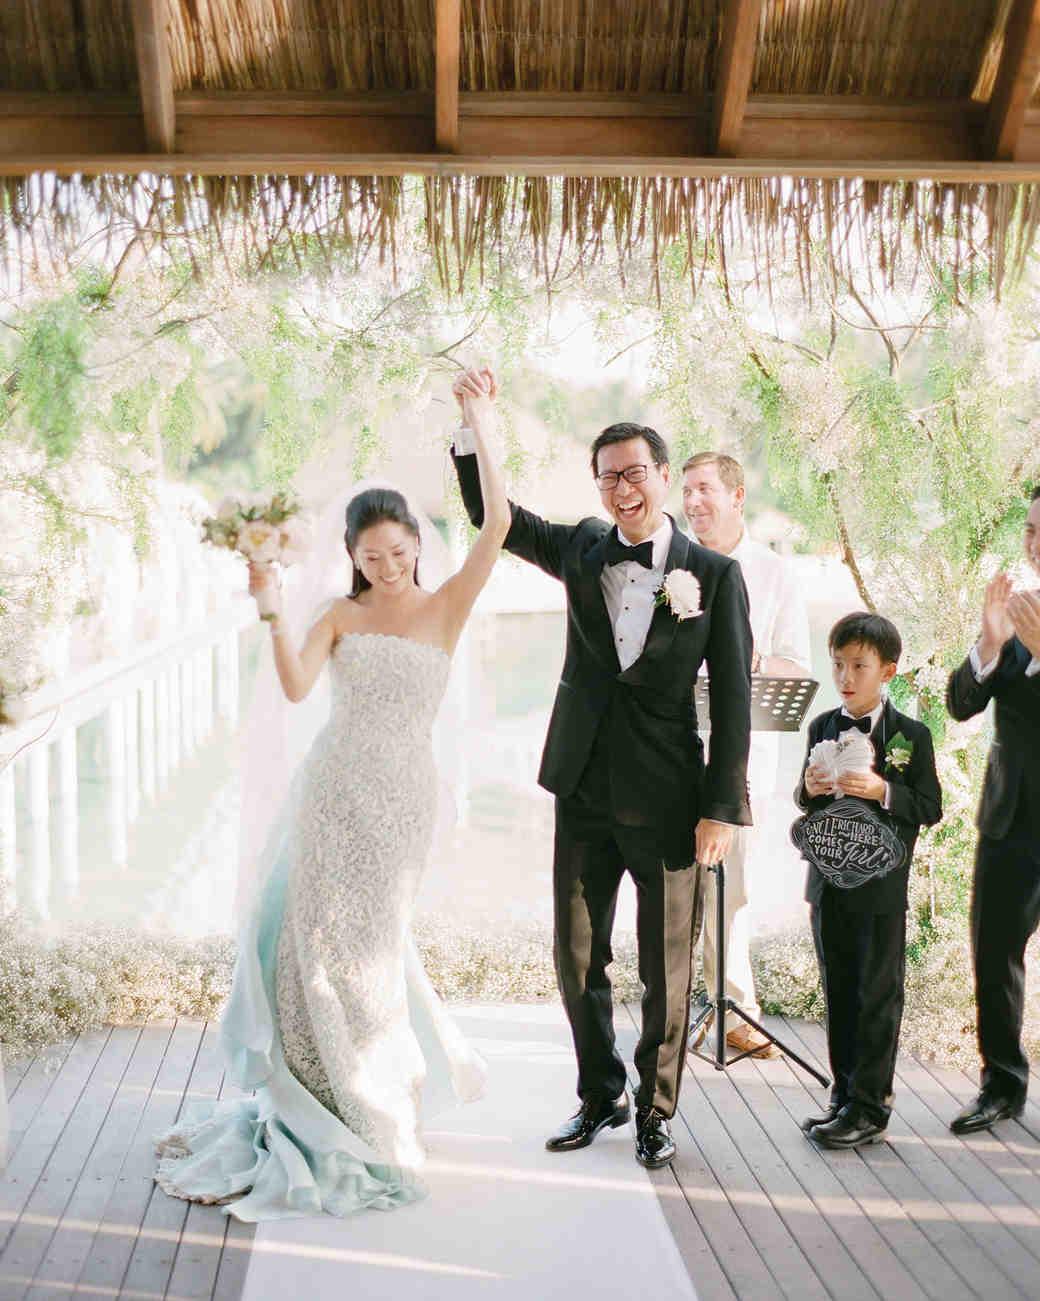 A Multi-Day Wedding in the Maldives | Martha Stewart Weddings